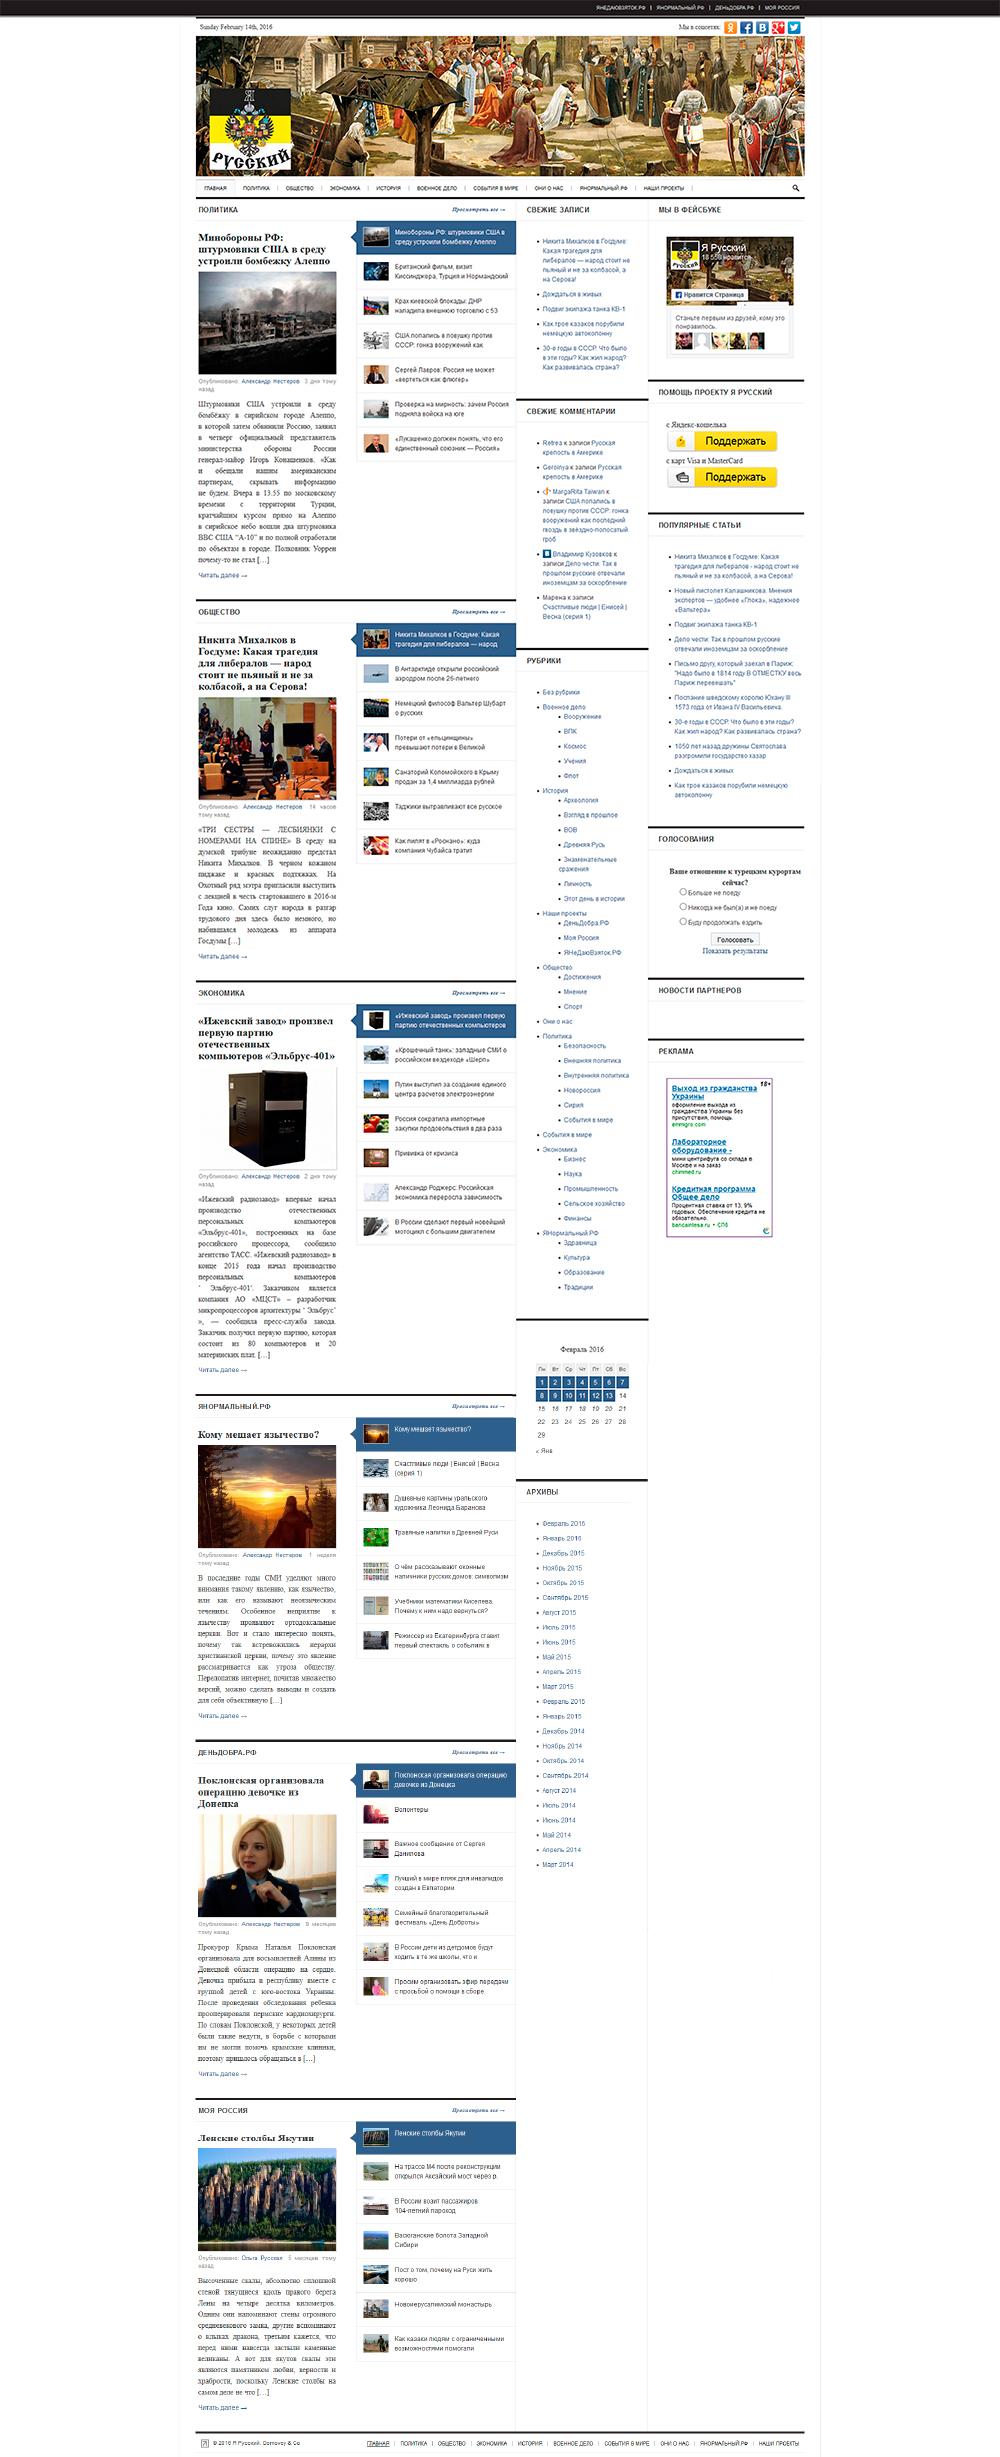 Частный дизайнер создание и продвижение сайтов любой сложности ews/page/23 полное продвижение сайтов